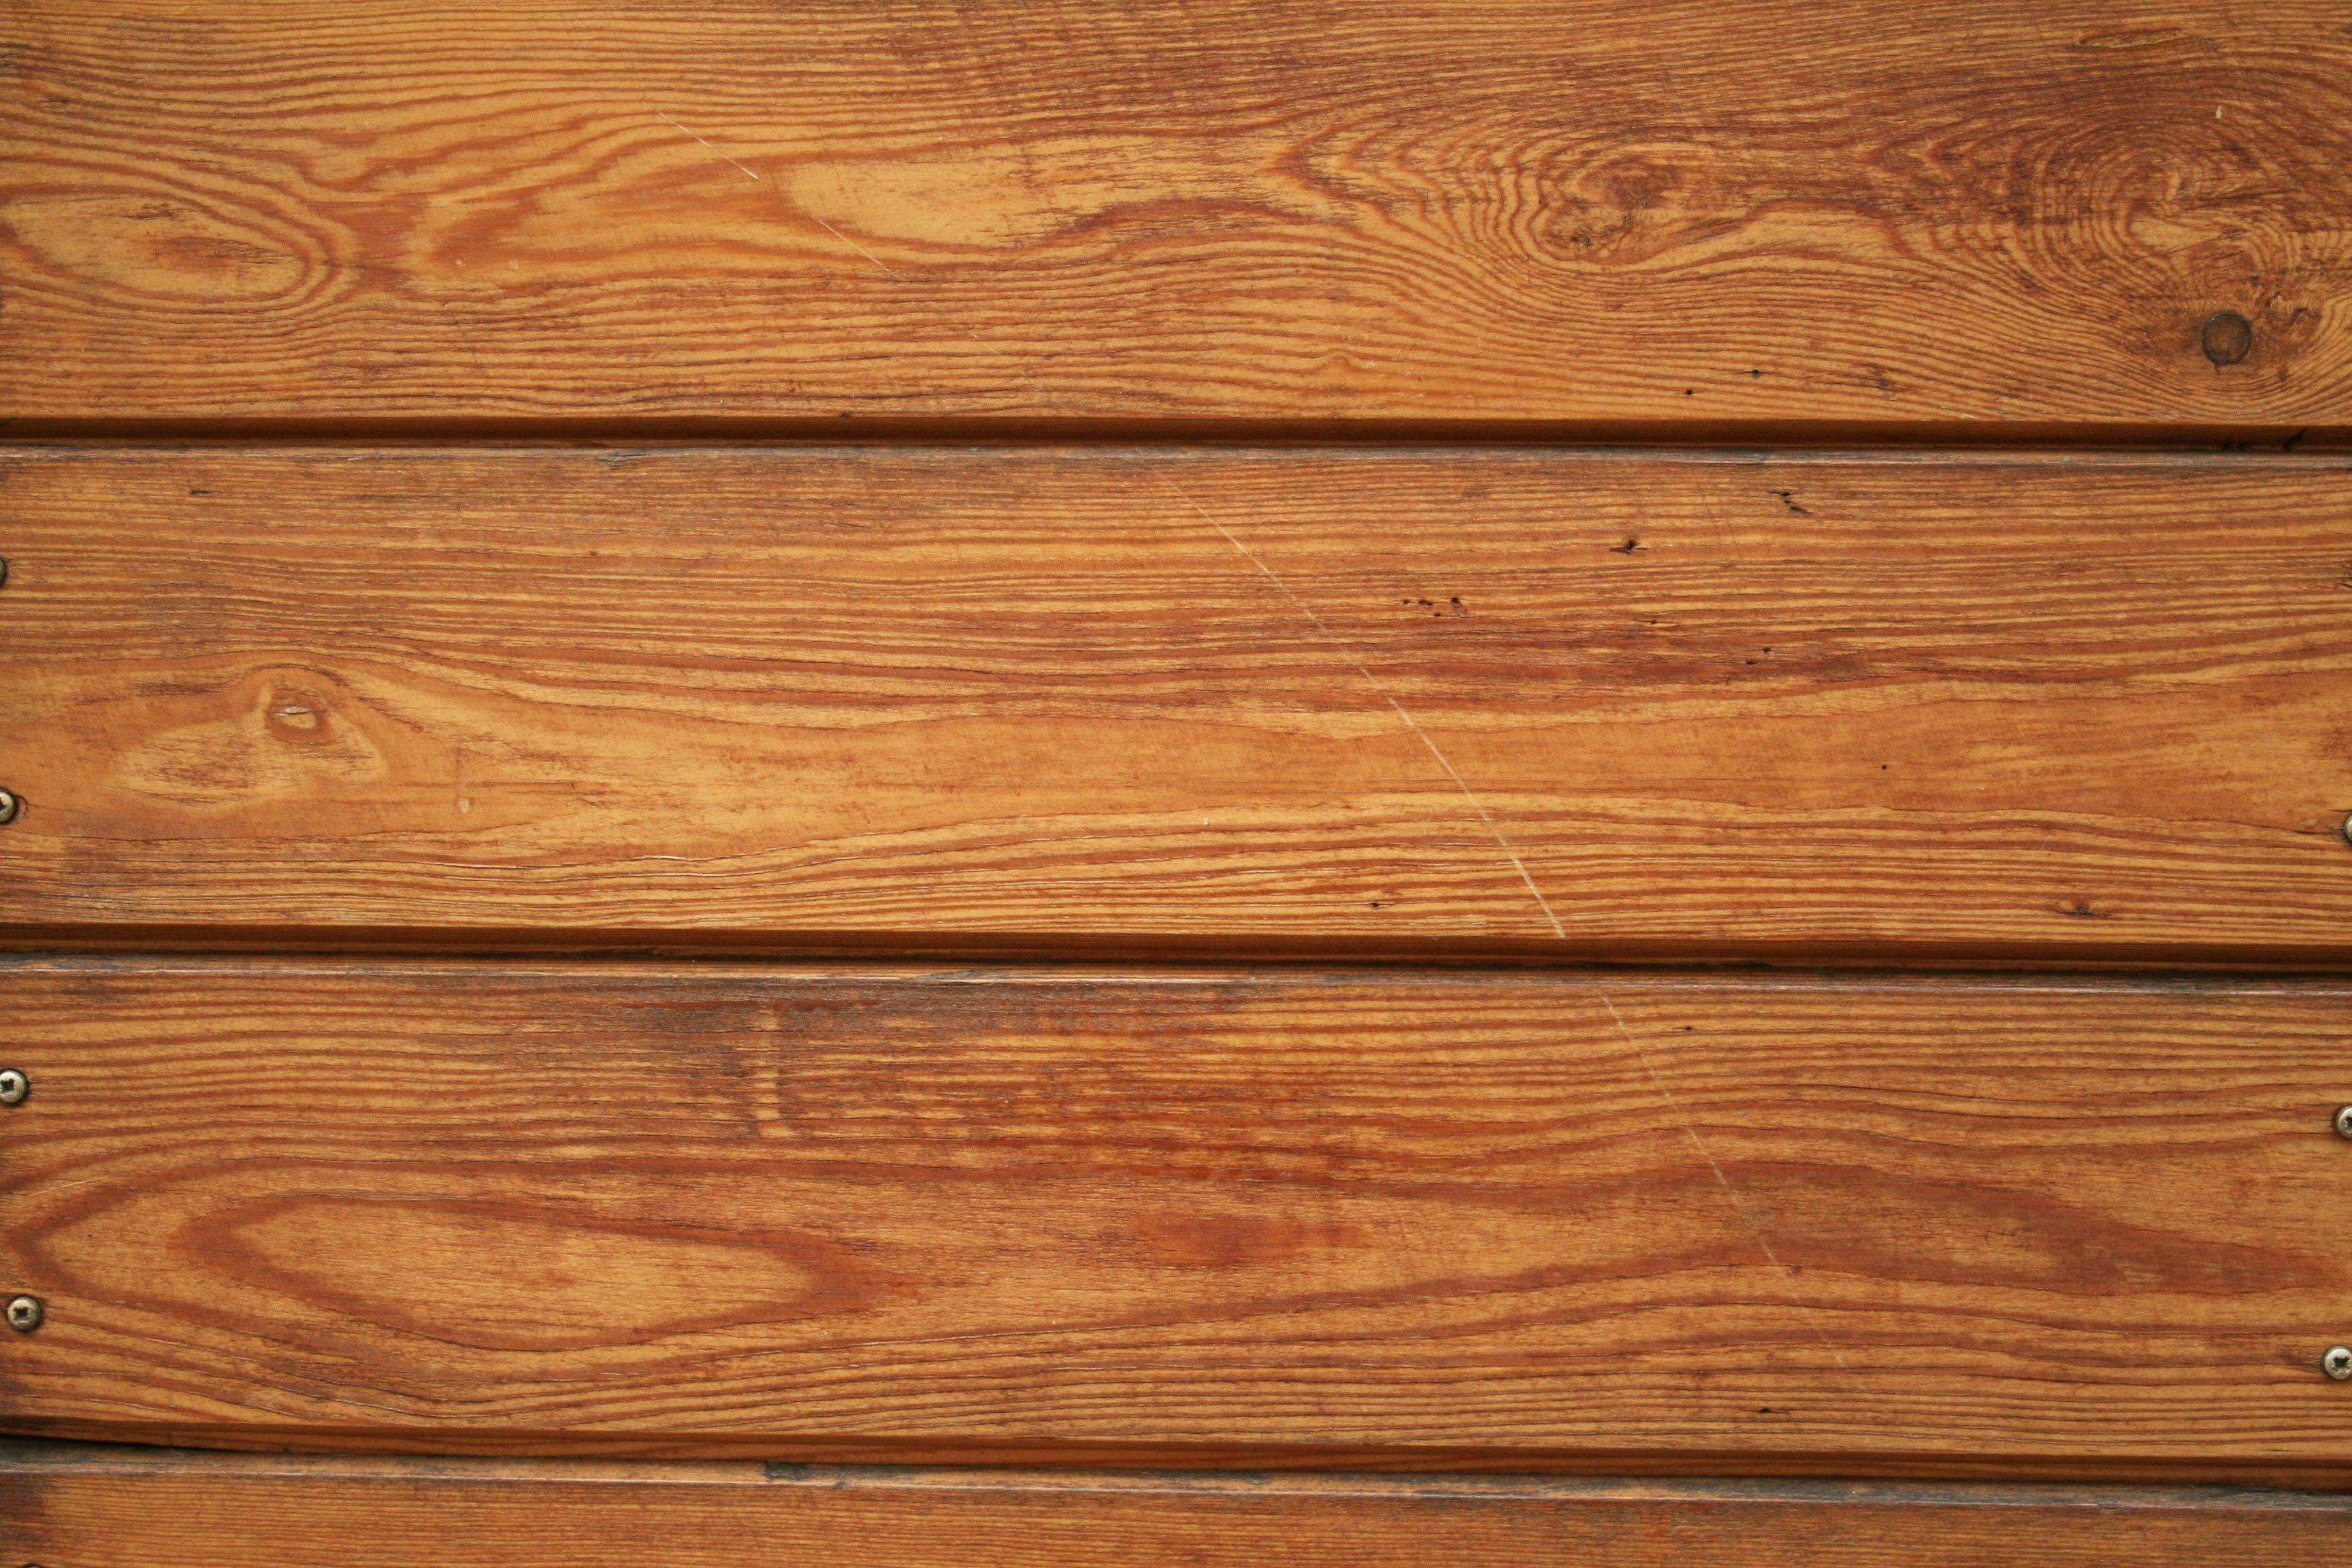 Wall Wood Big Free Images At Clker Com Vector Clip Art.